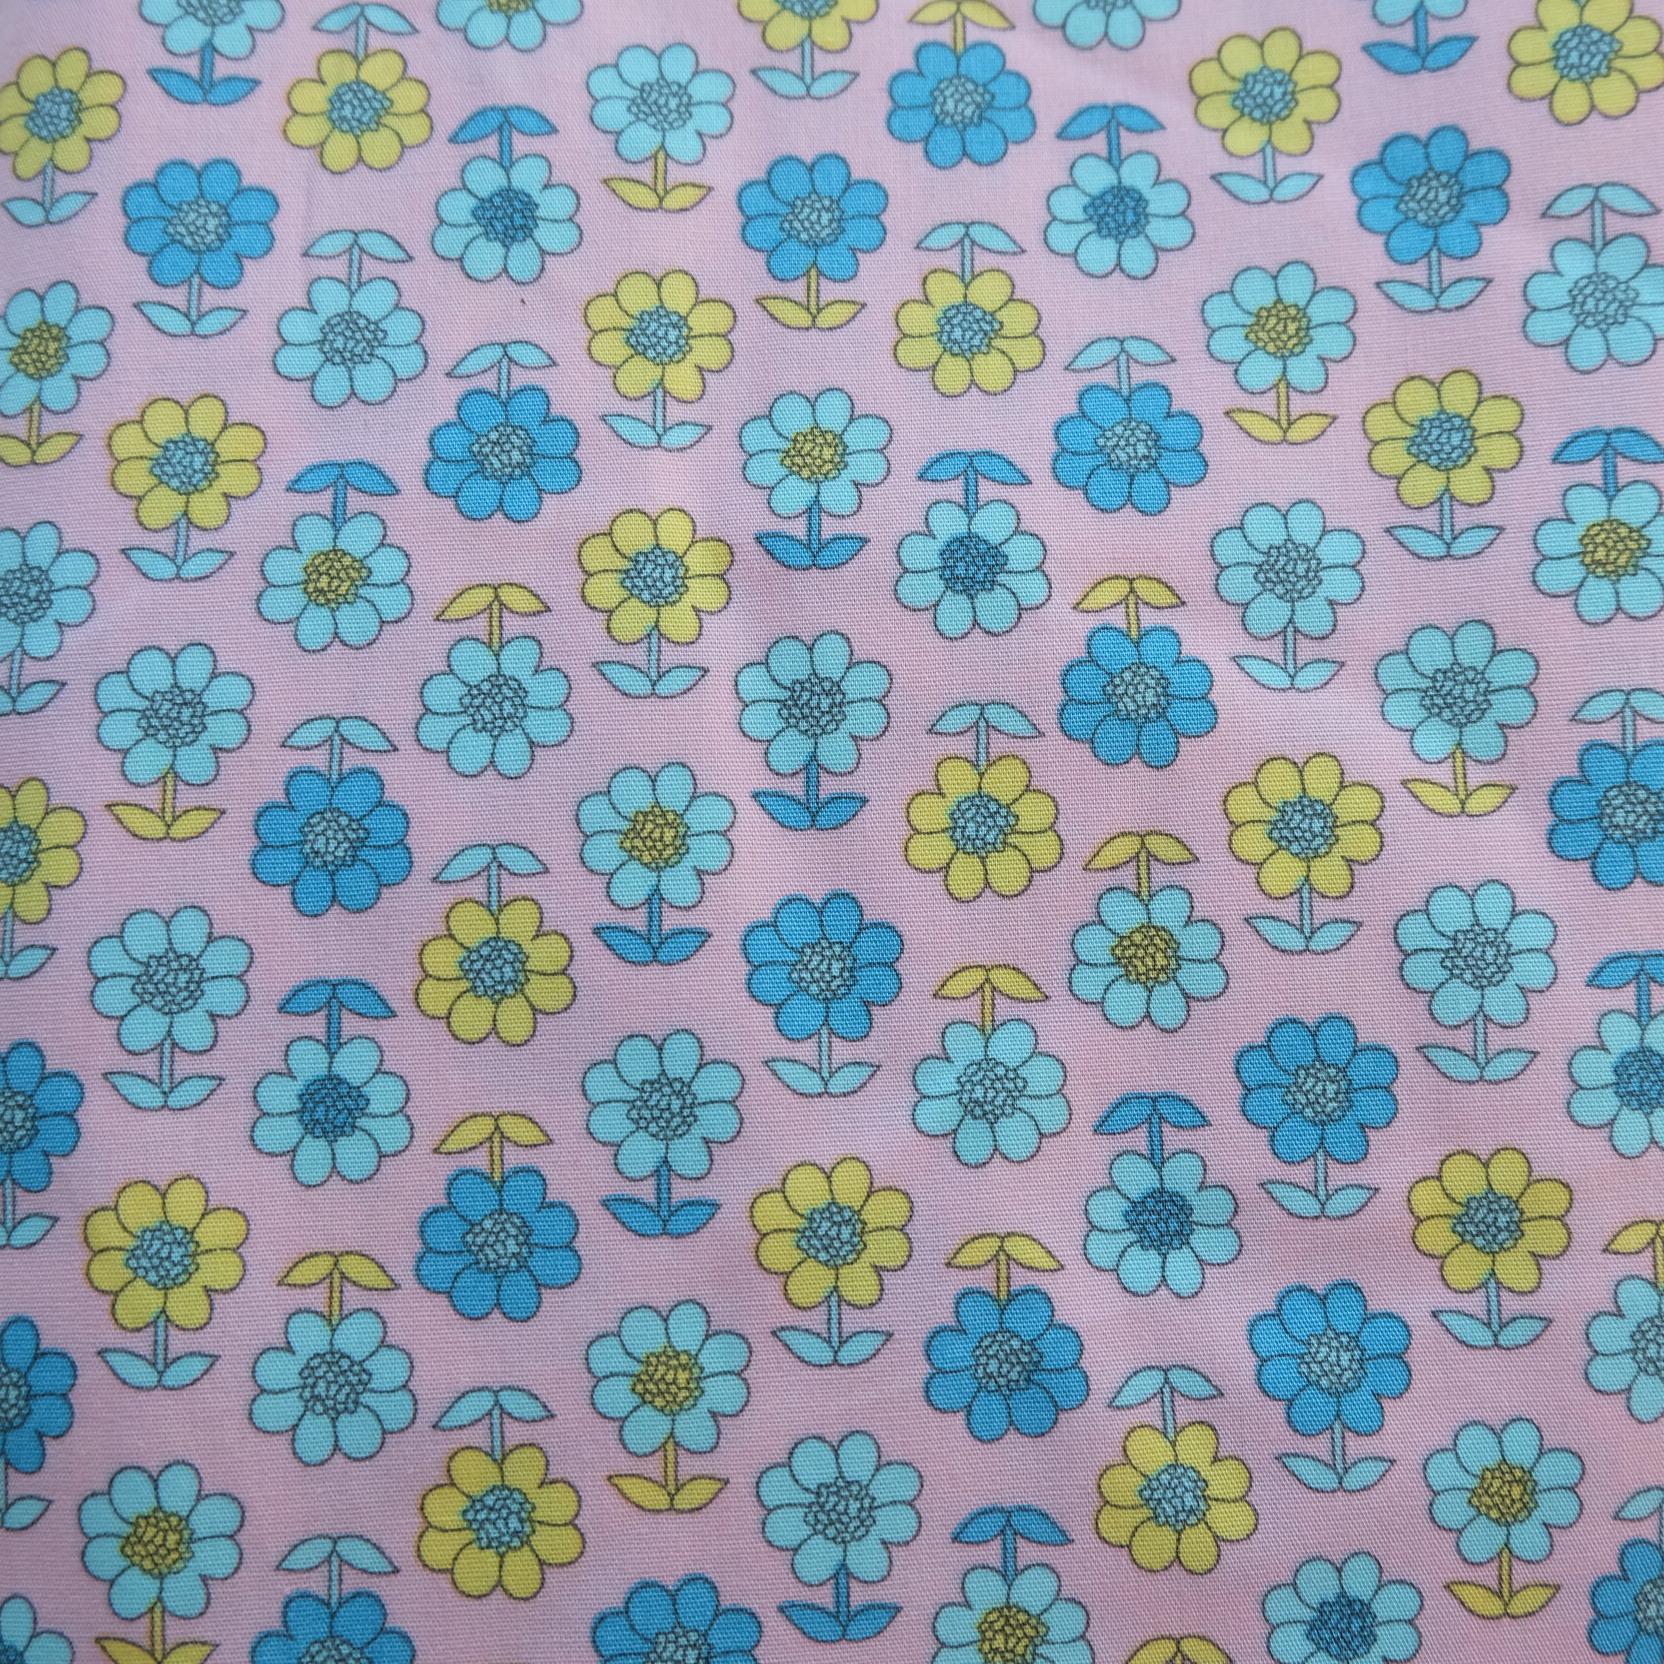 ผ้าคอตตอนไทย 100% ขนาด 1/4ม. (50x55ซม.) พื้นสีชมพู ลายดอกไม้